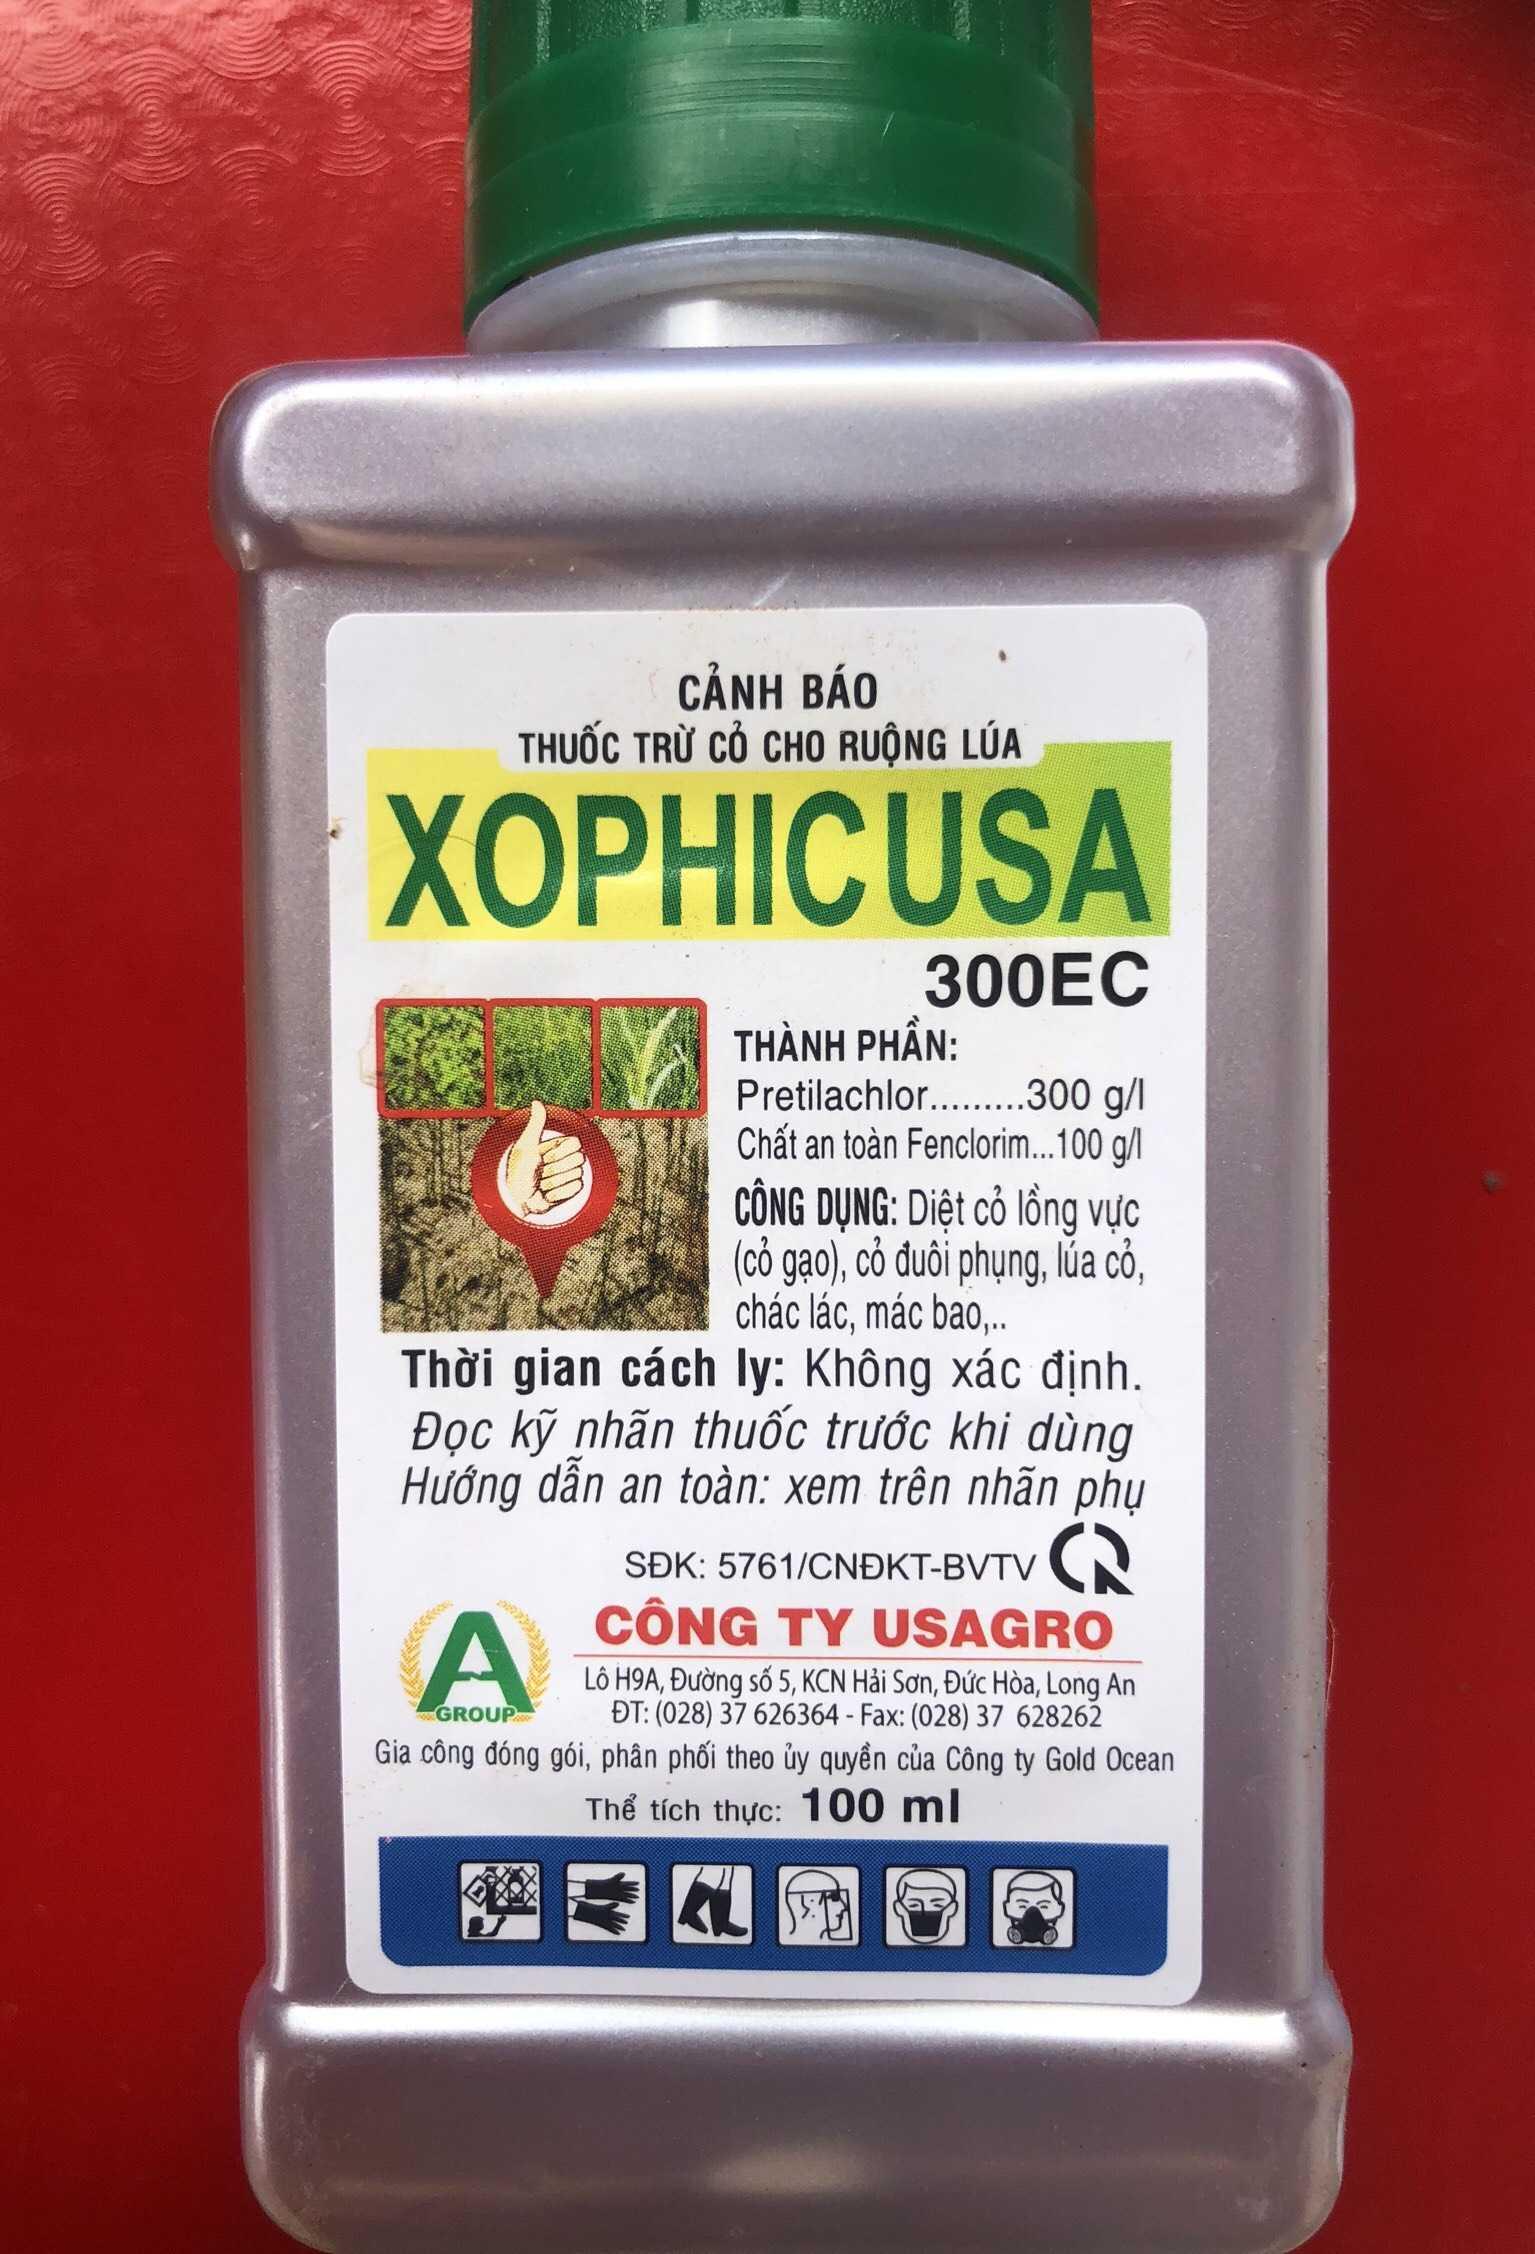 Xophicusa 300EC